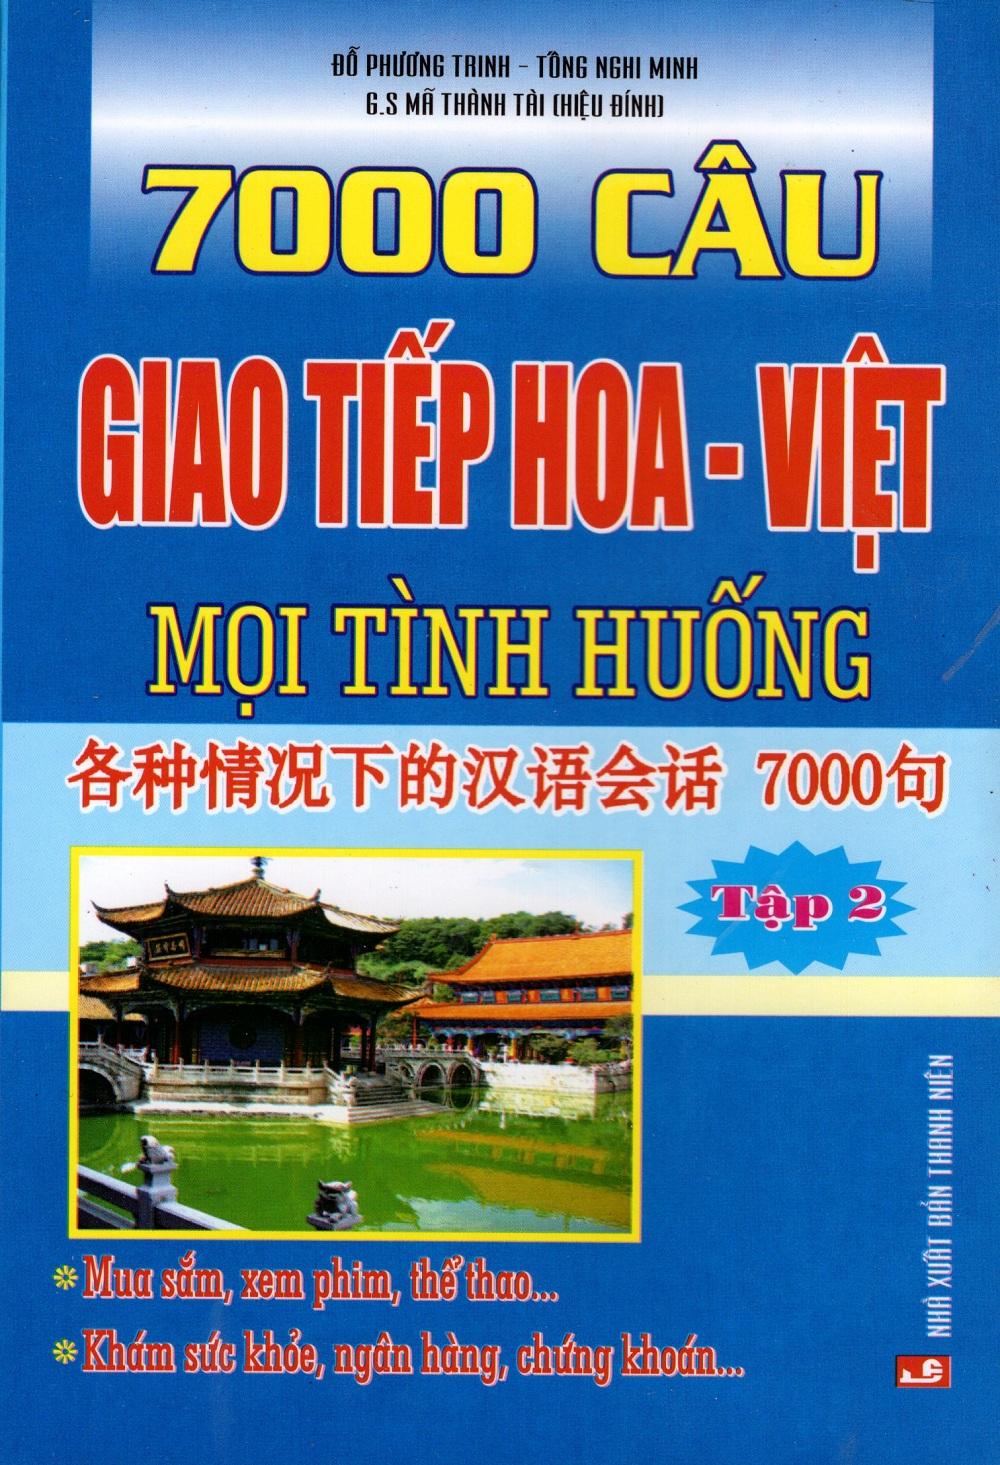 Bìa sách 7000 Câu Giao Tiếp Hoa - Việt Mọi Tình Huống (Tập 2)